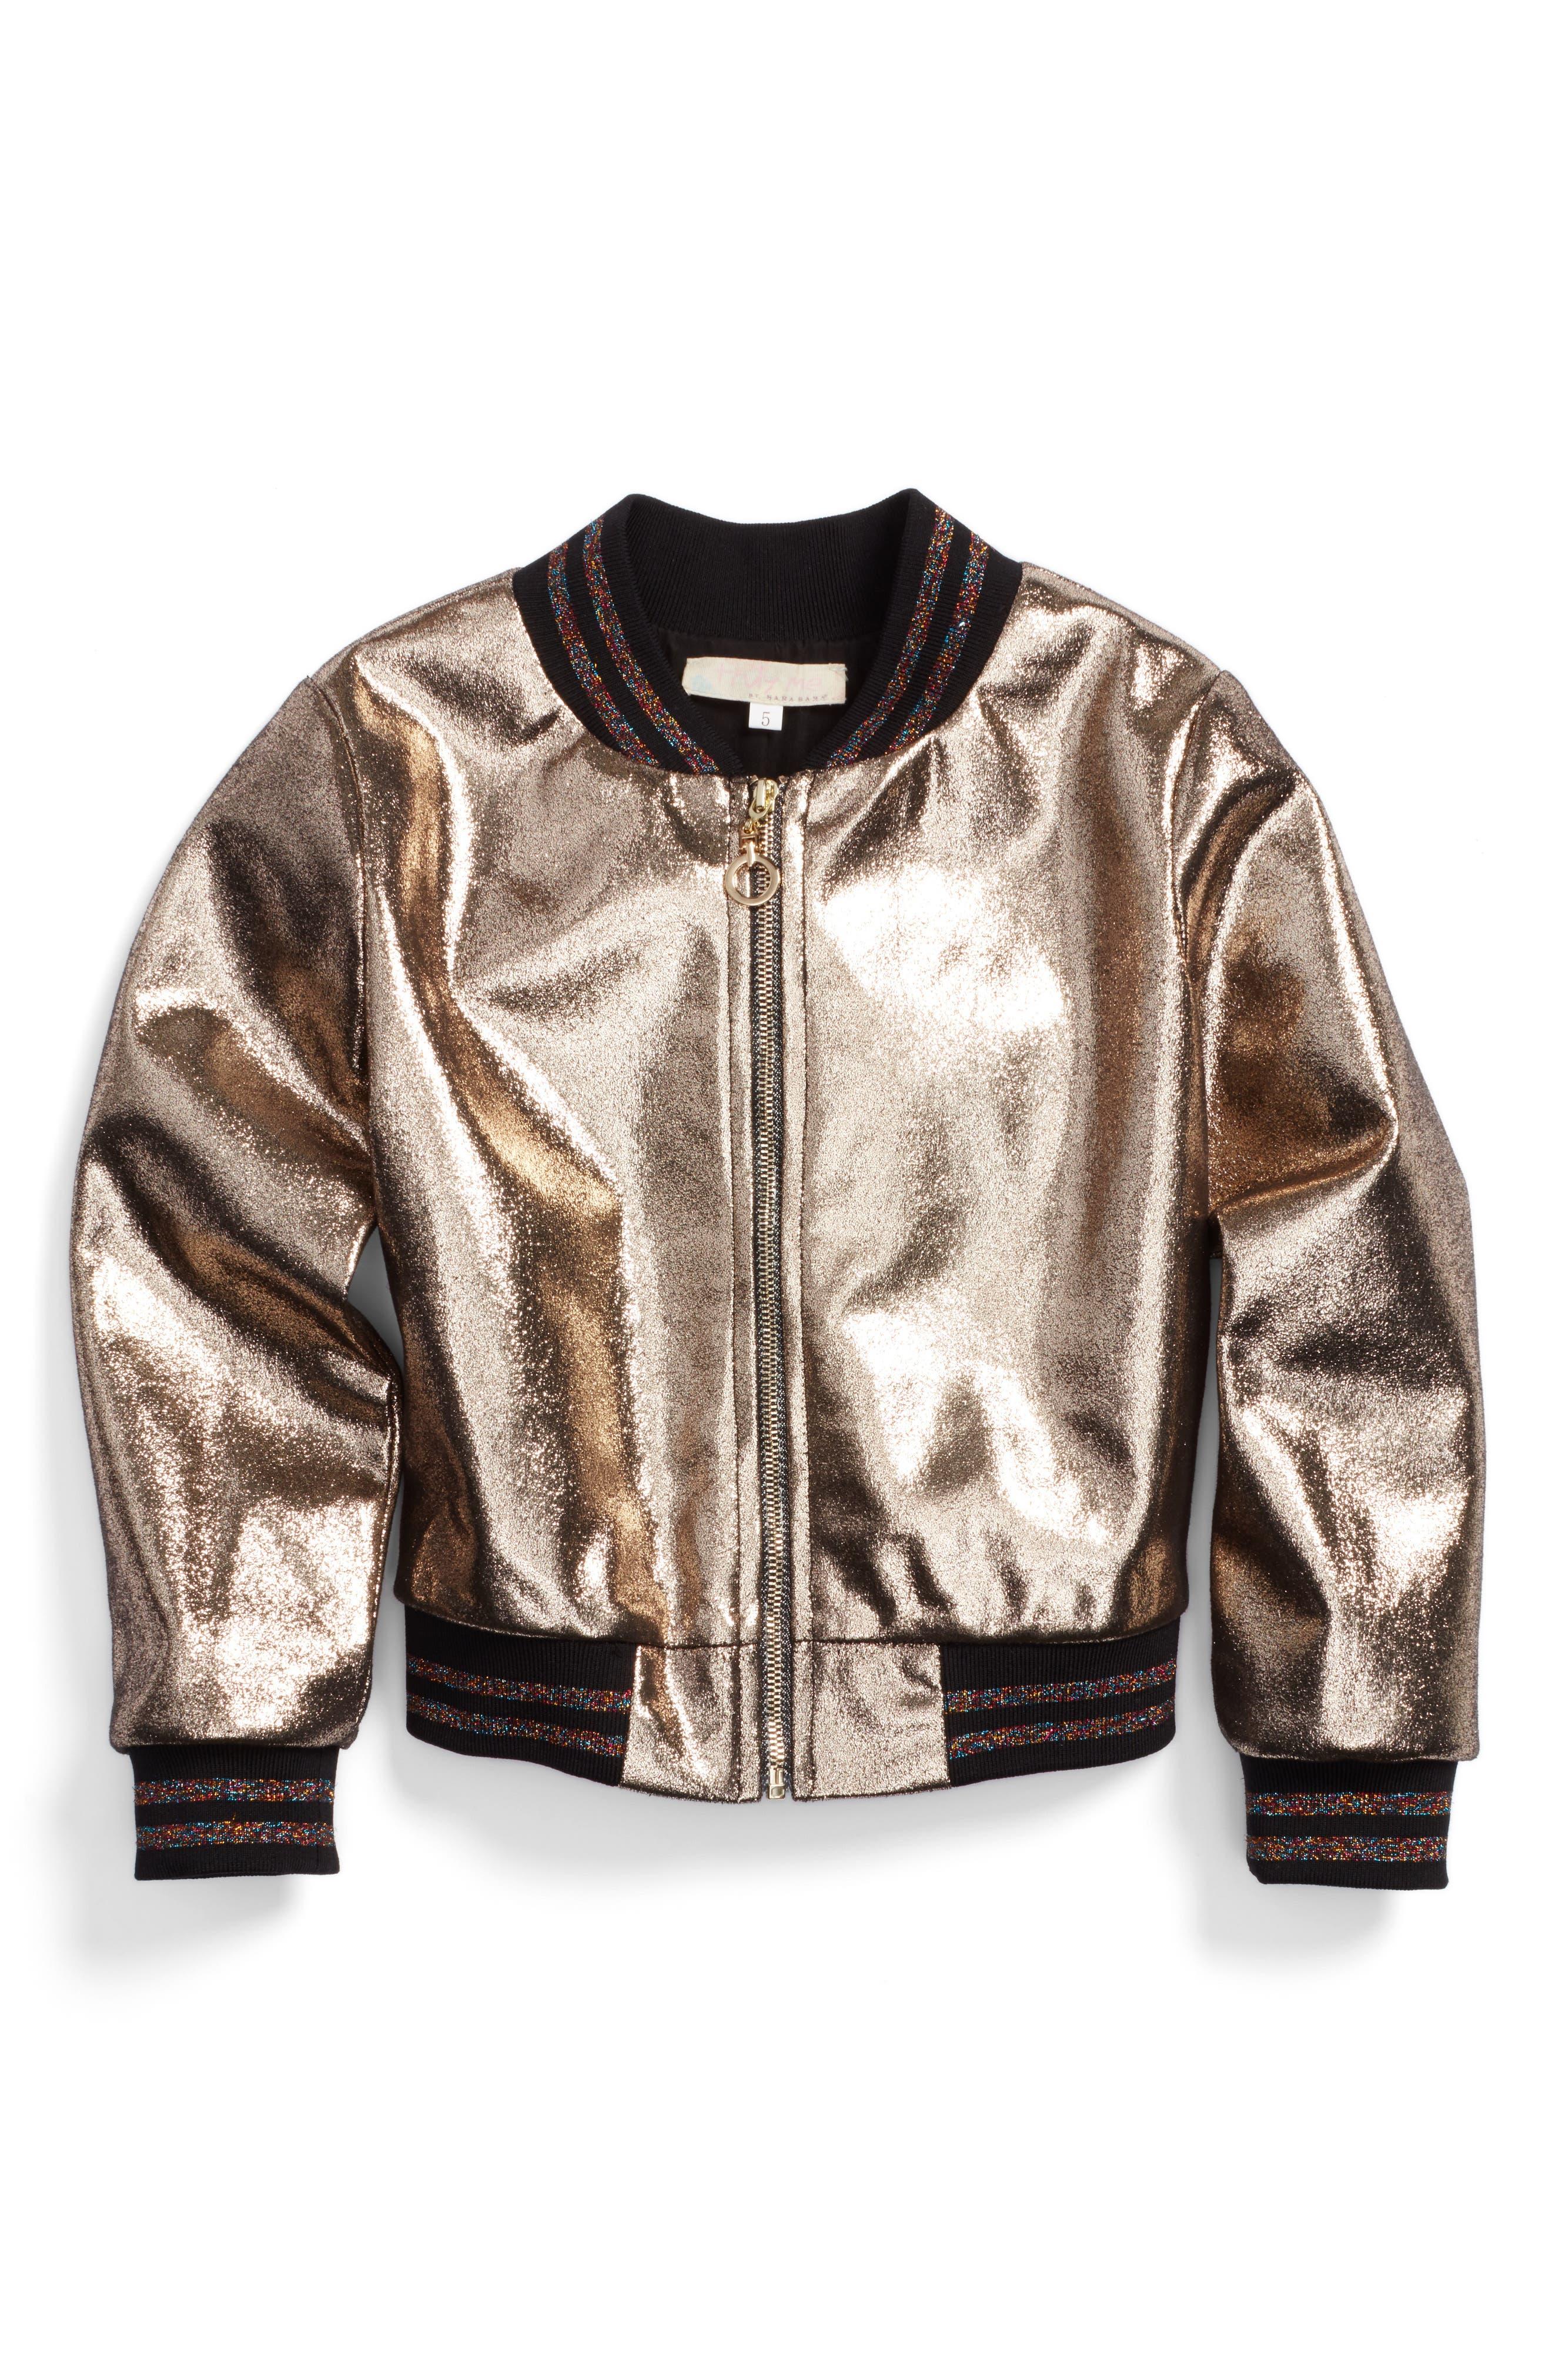 TRULY ME Metallic Bomber Jacket